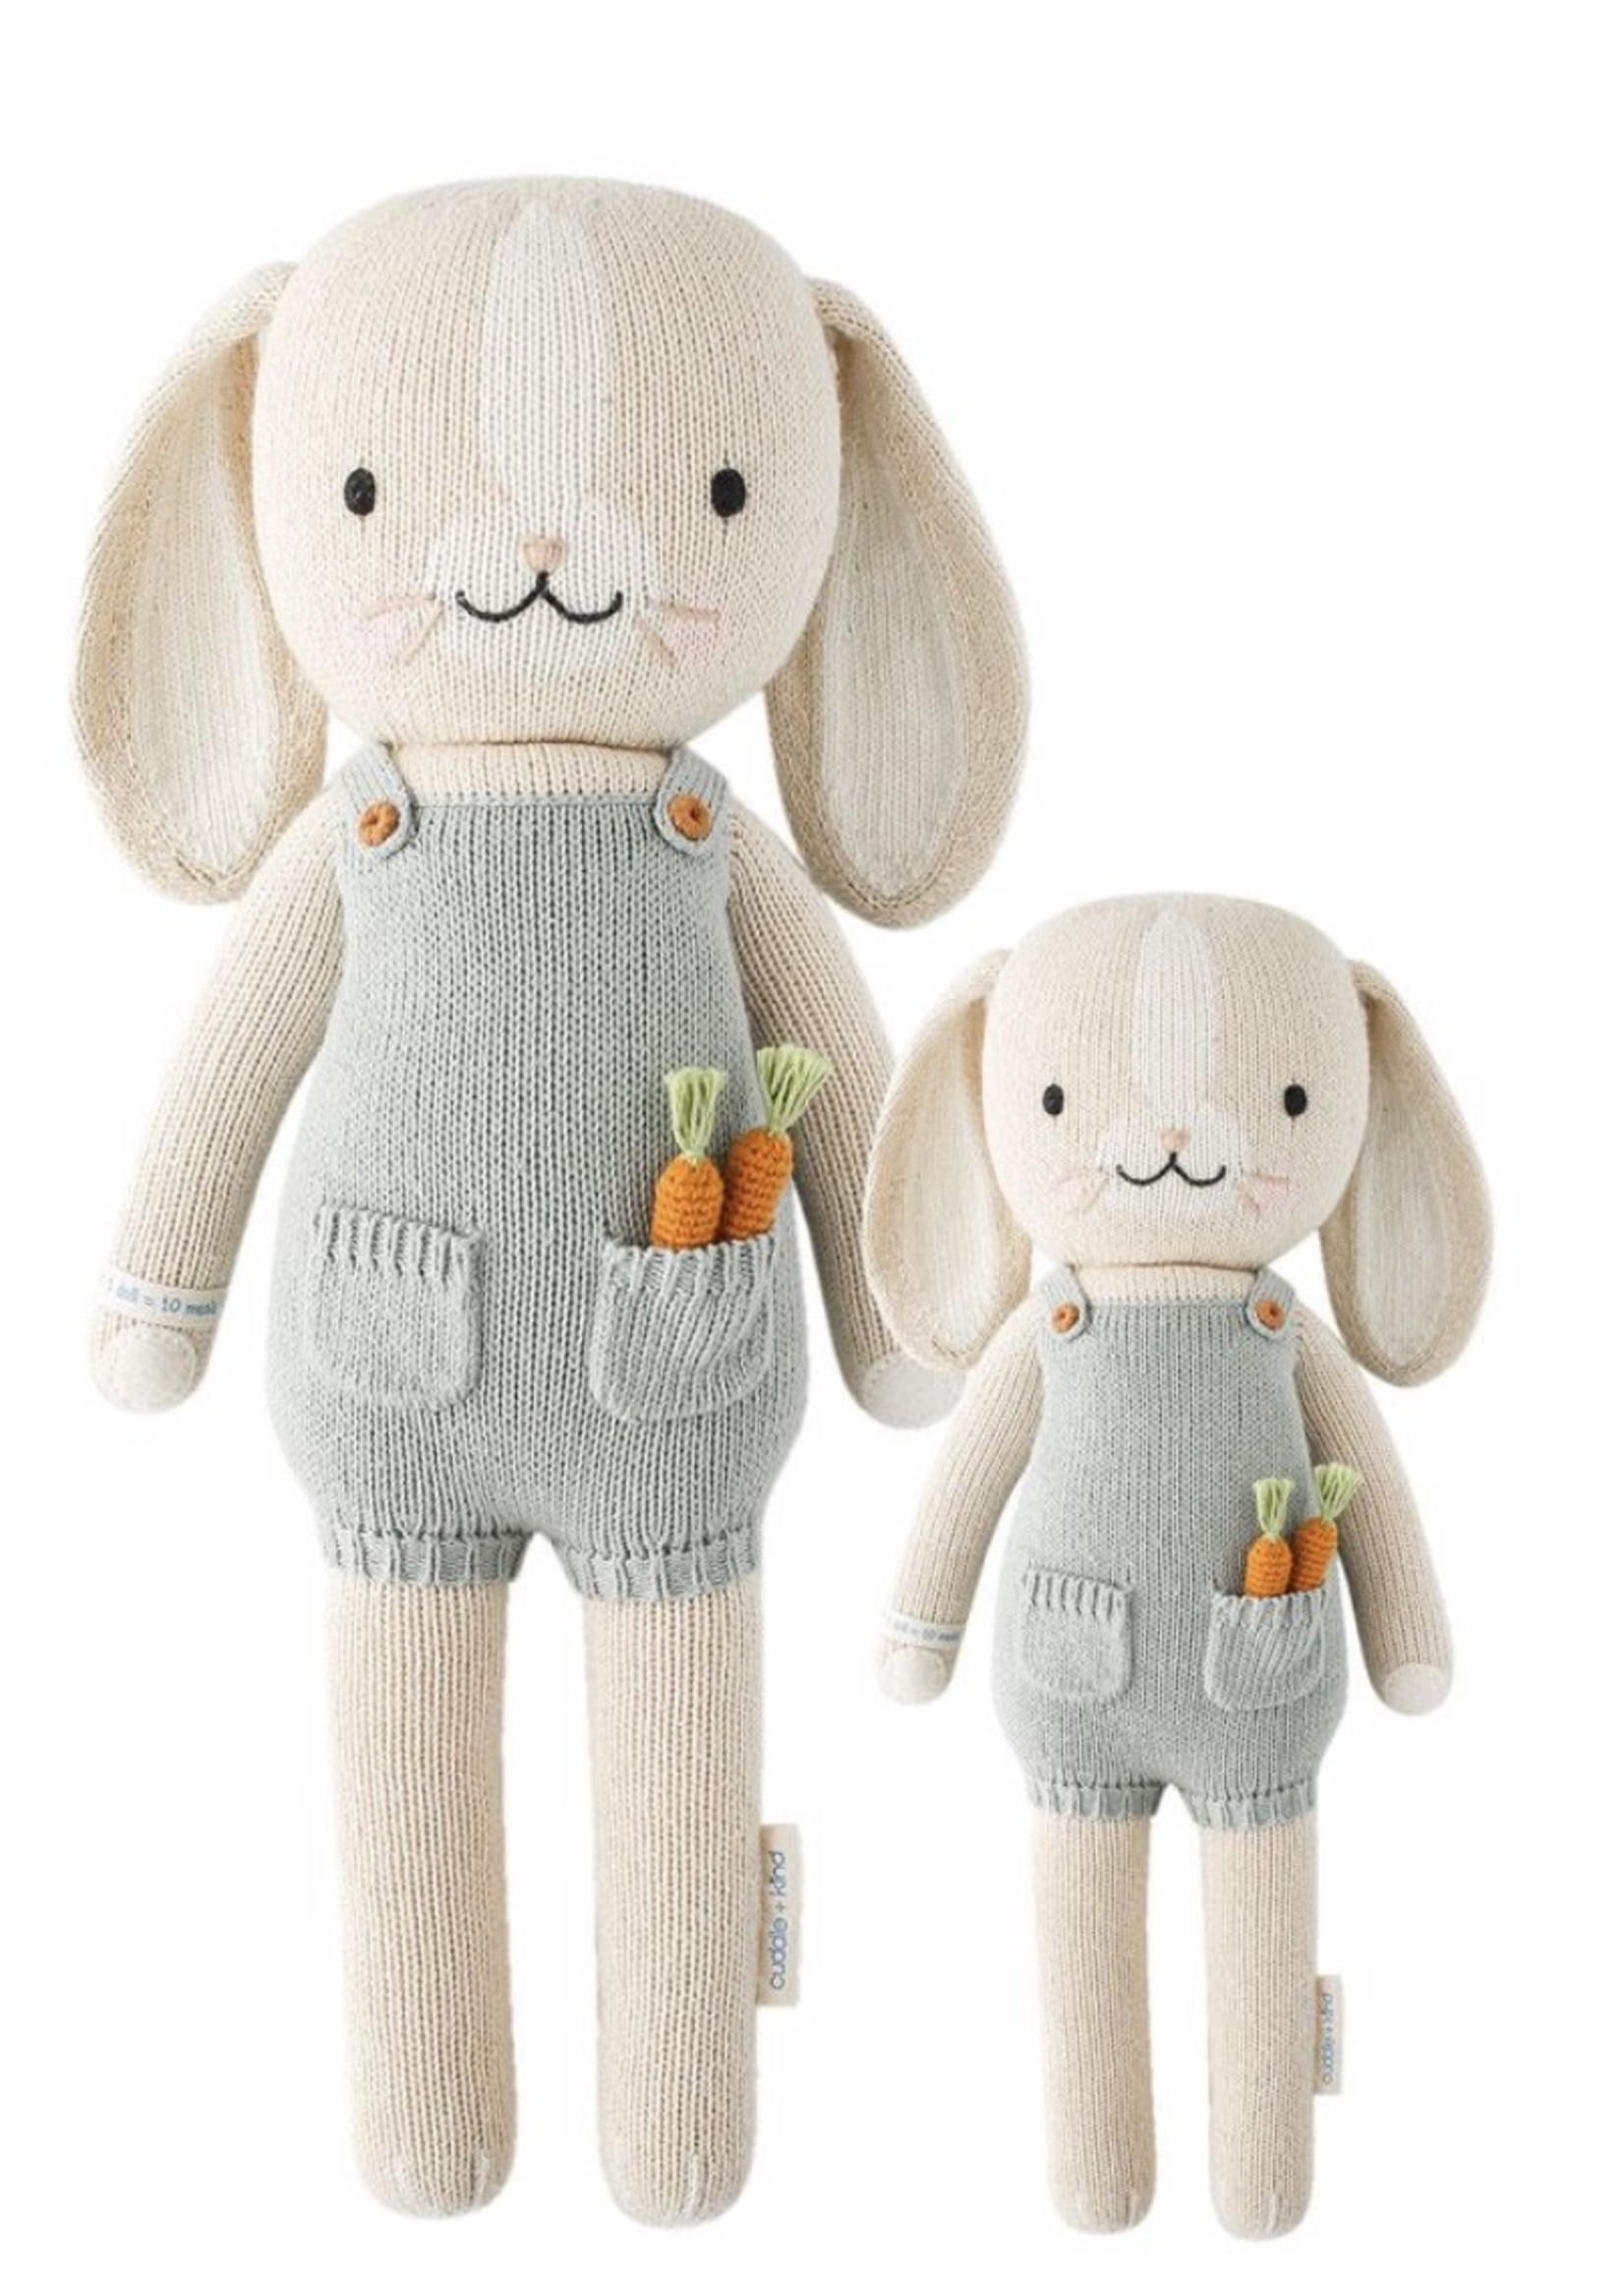 cuddle + kind Mini Bunny Knit Doll HENRY